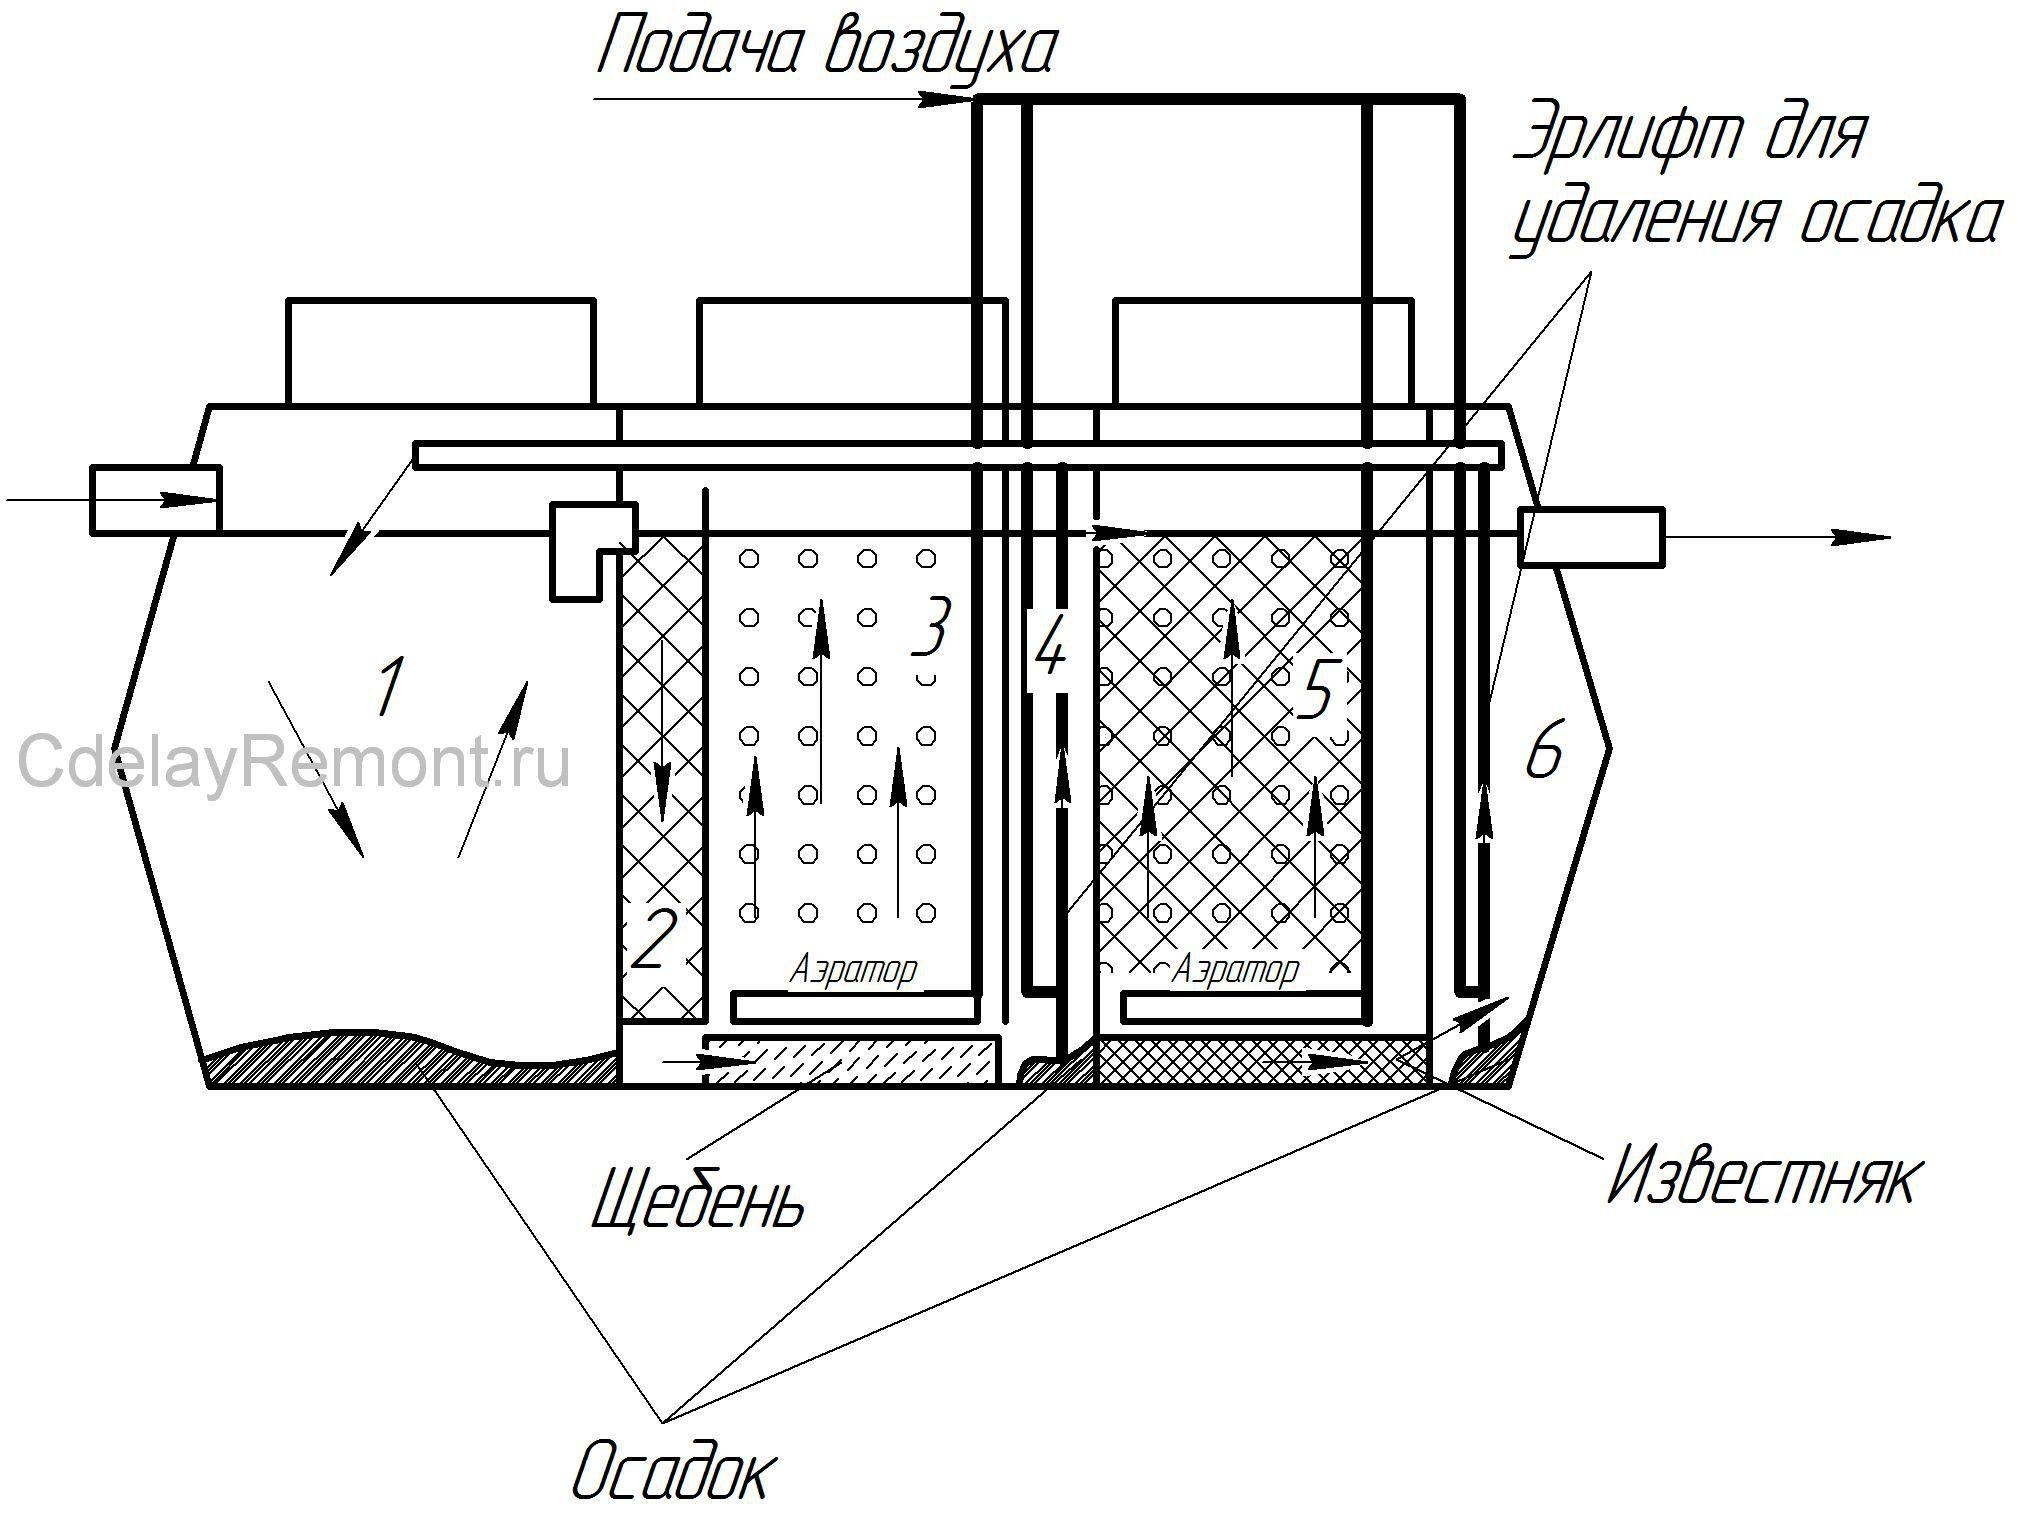 Види септиків для каналізації. Як правильно вибрати септик для приватного будинку-думка експерта